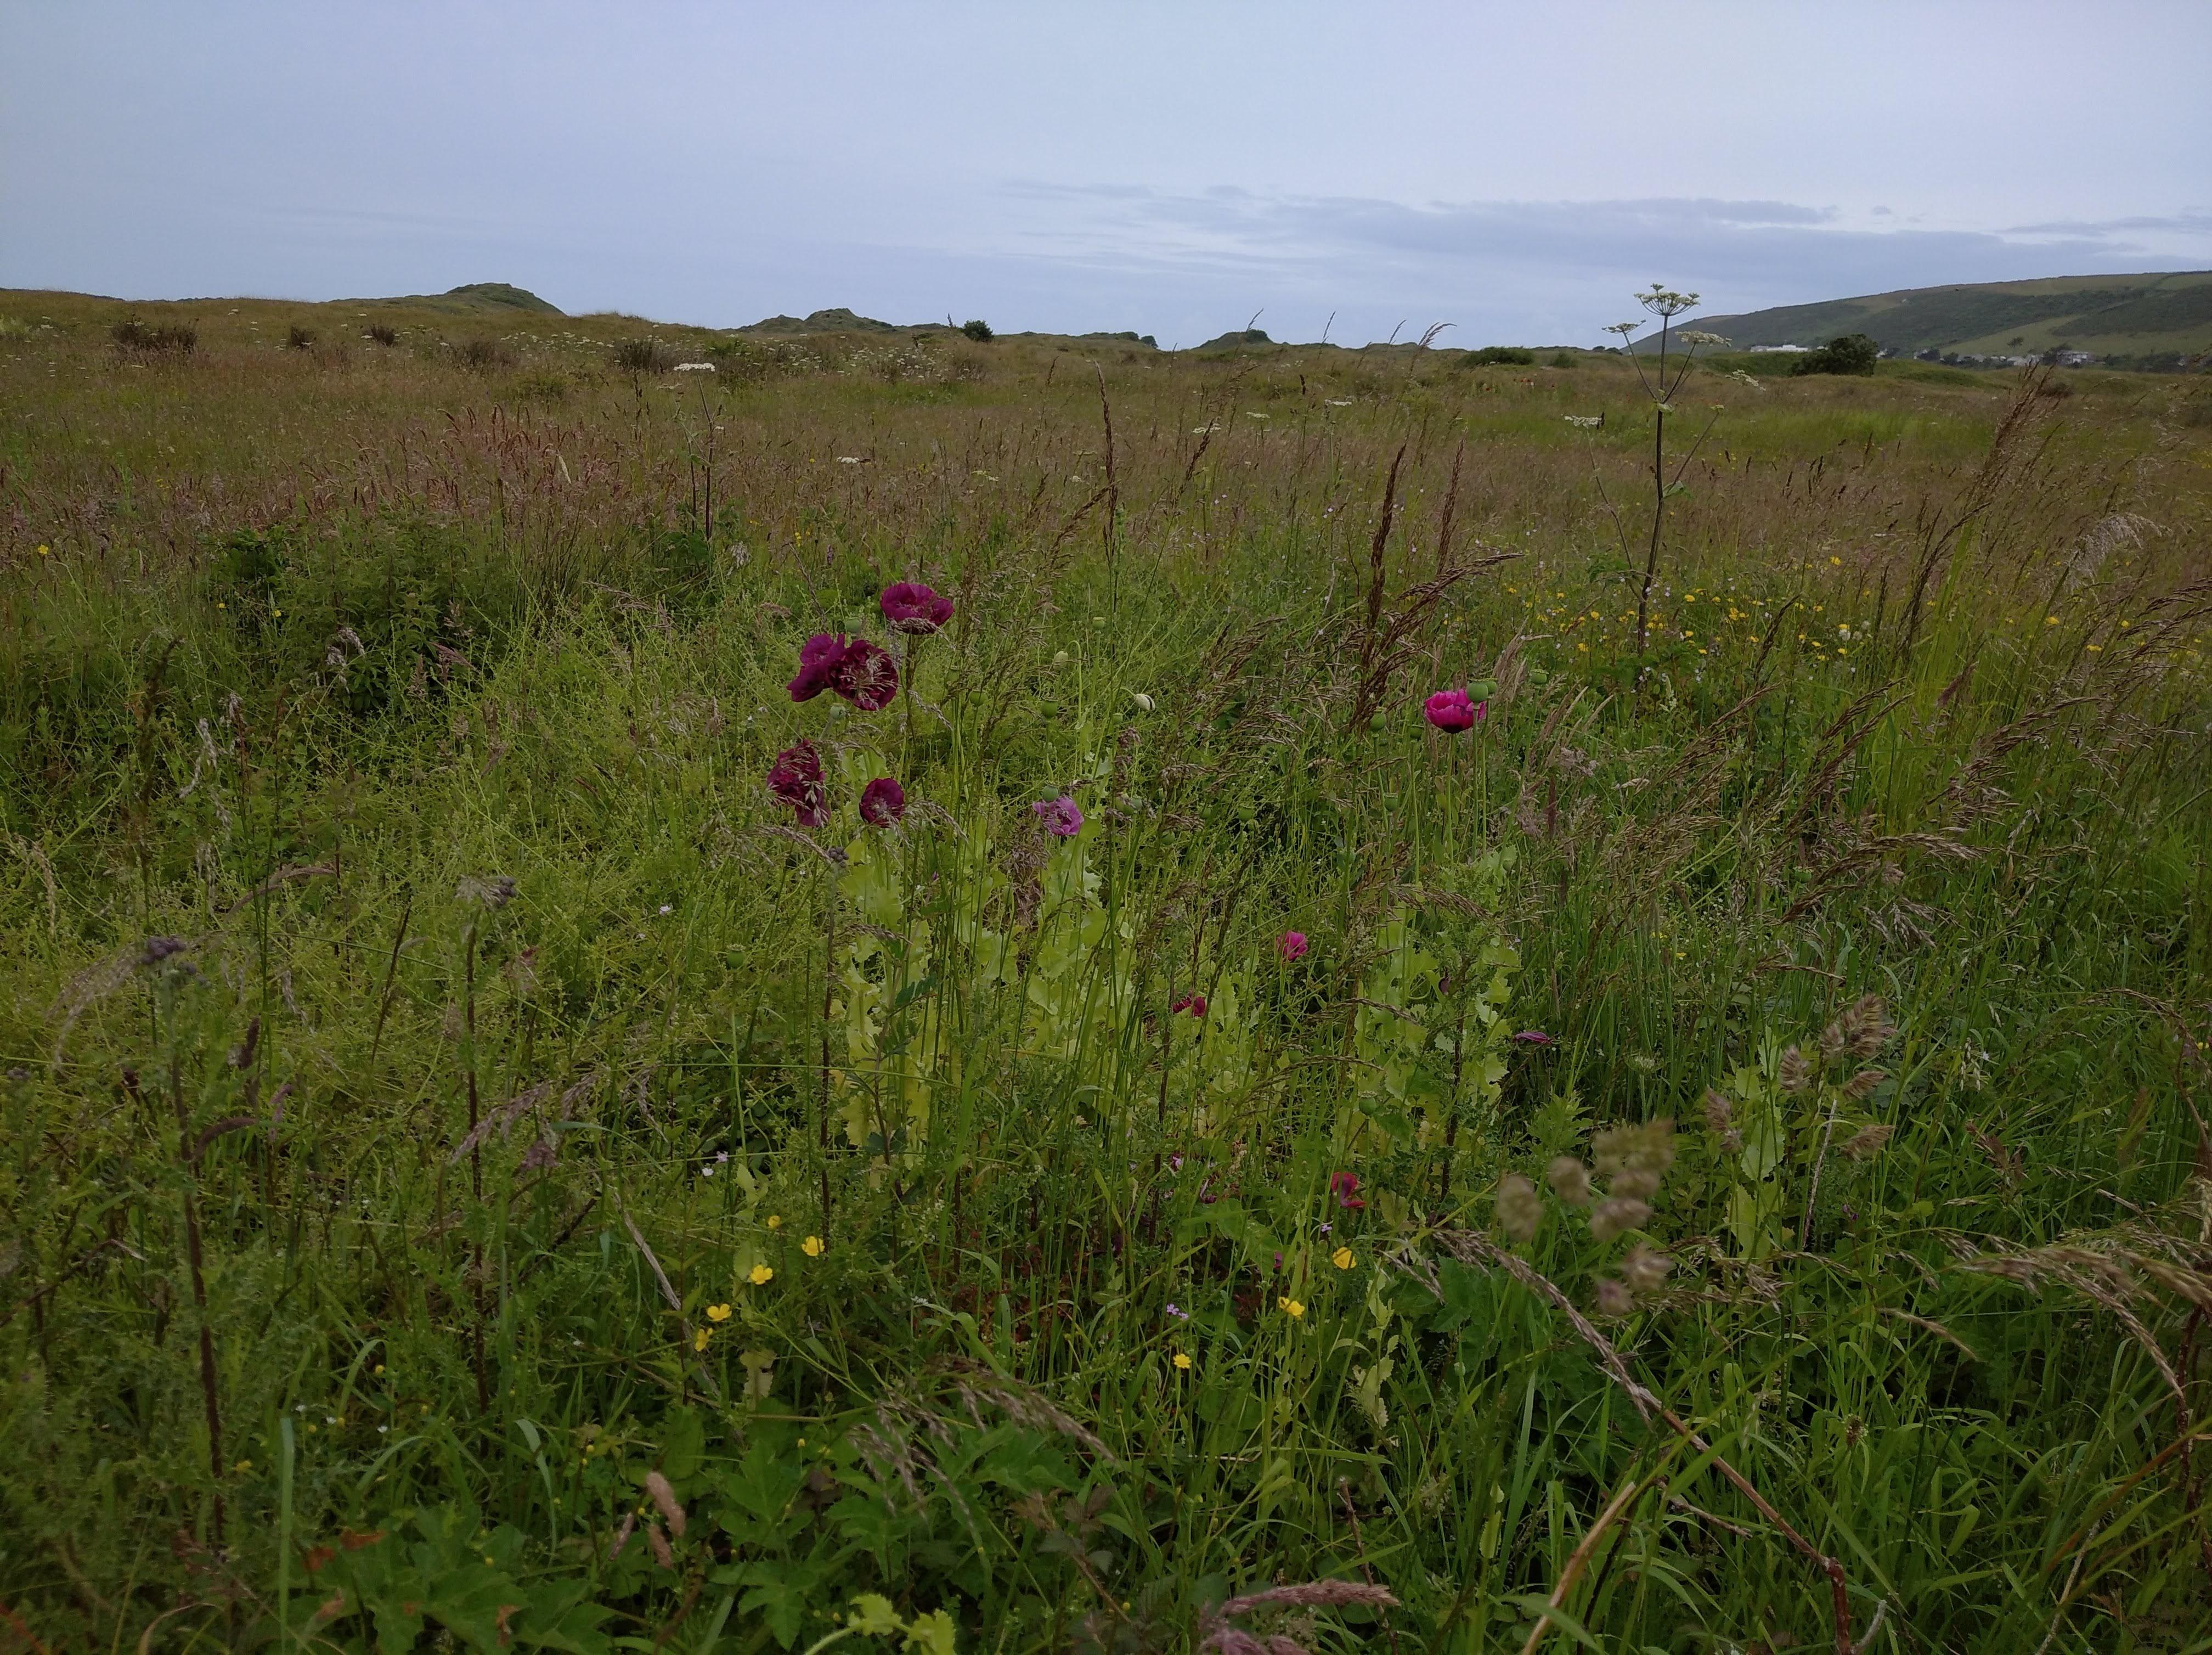 field of opium poppies